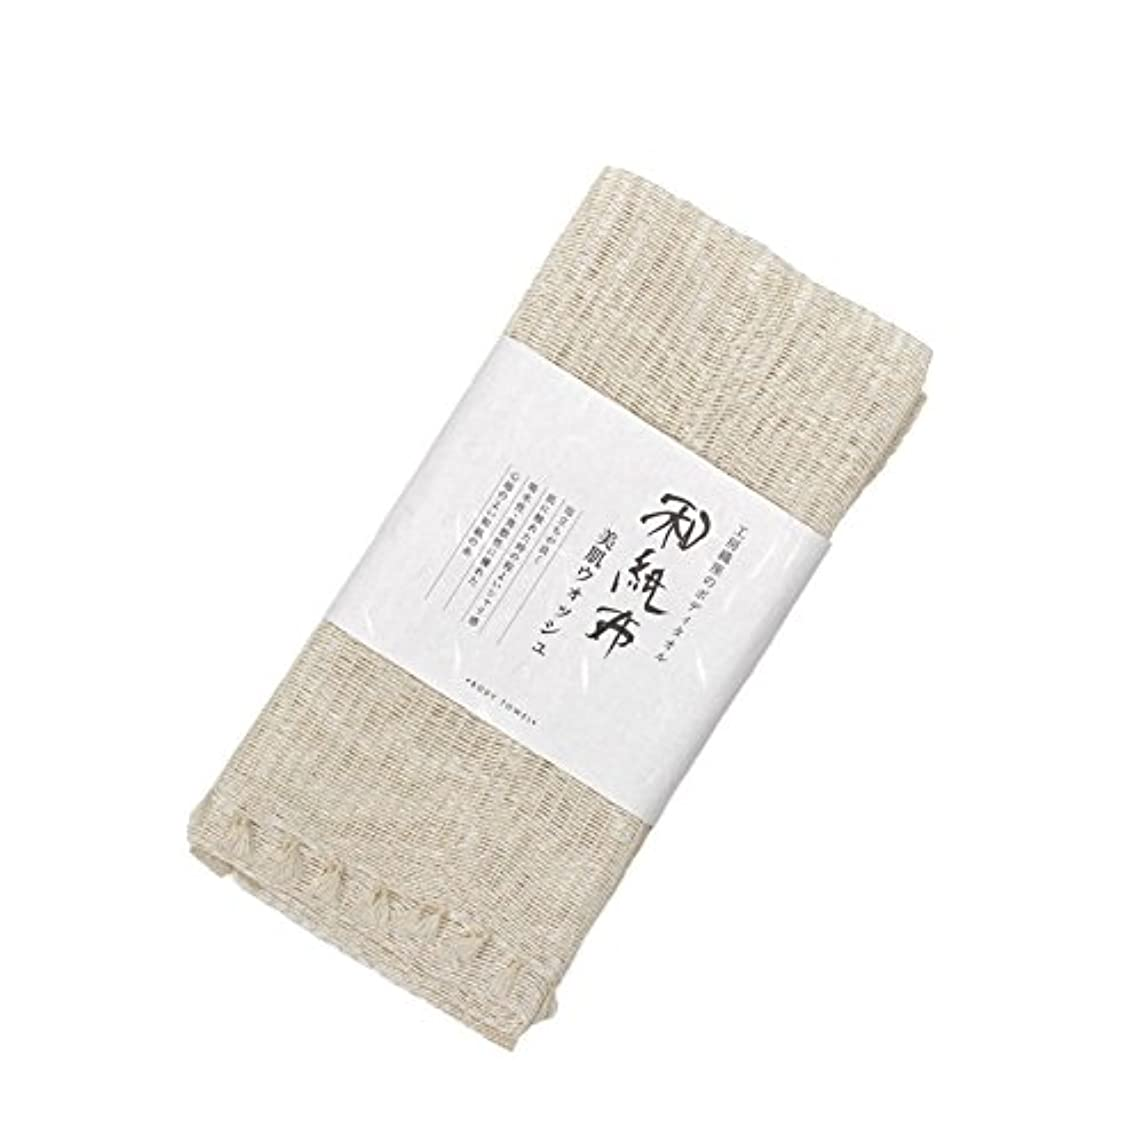 非アクティブ圧縮する褐色今治産 ボディタオル 和紙布美肌ウォッシュ 工房織座 (ホワイト)